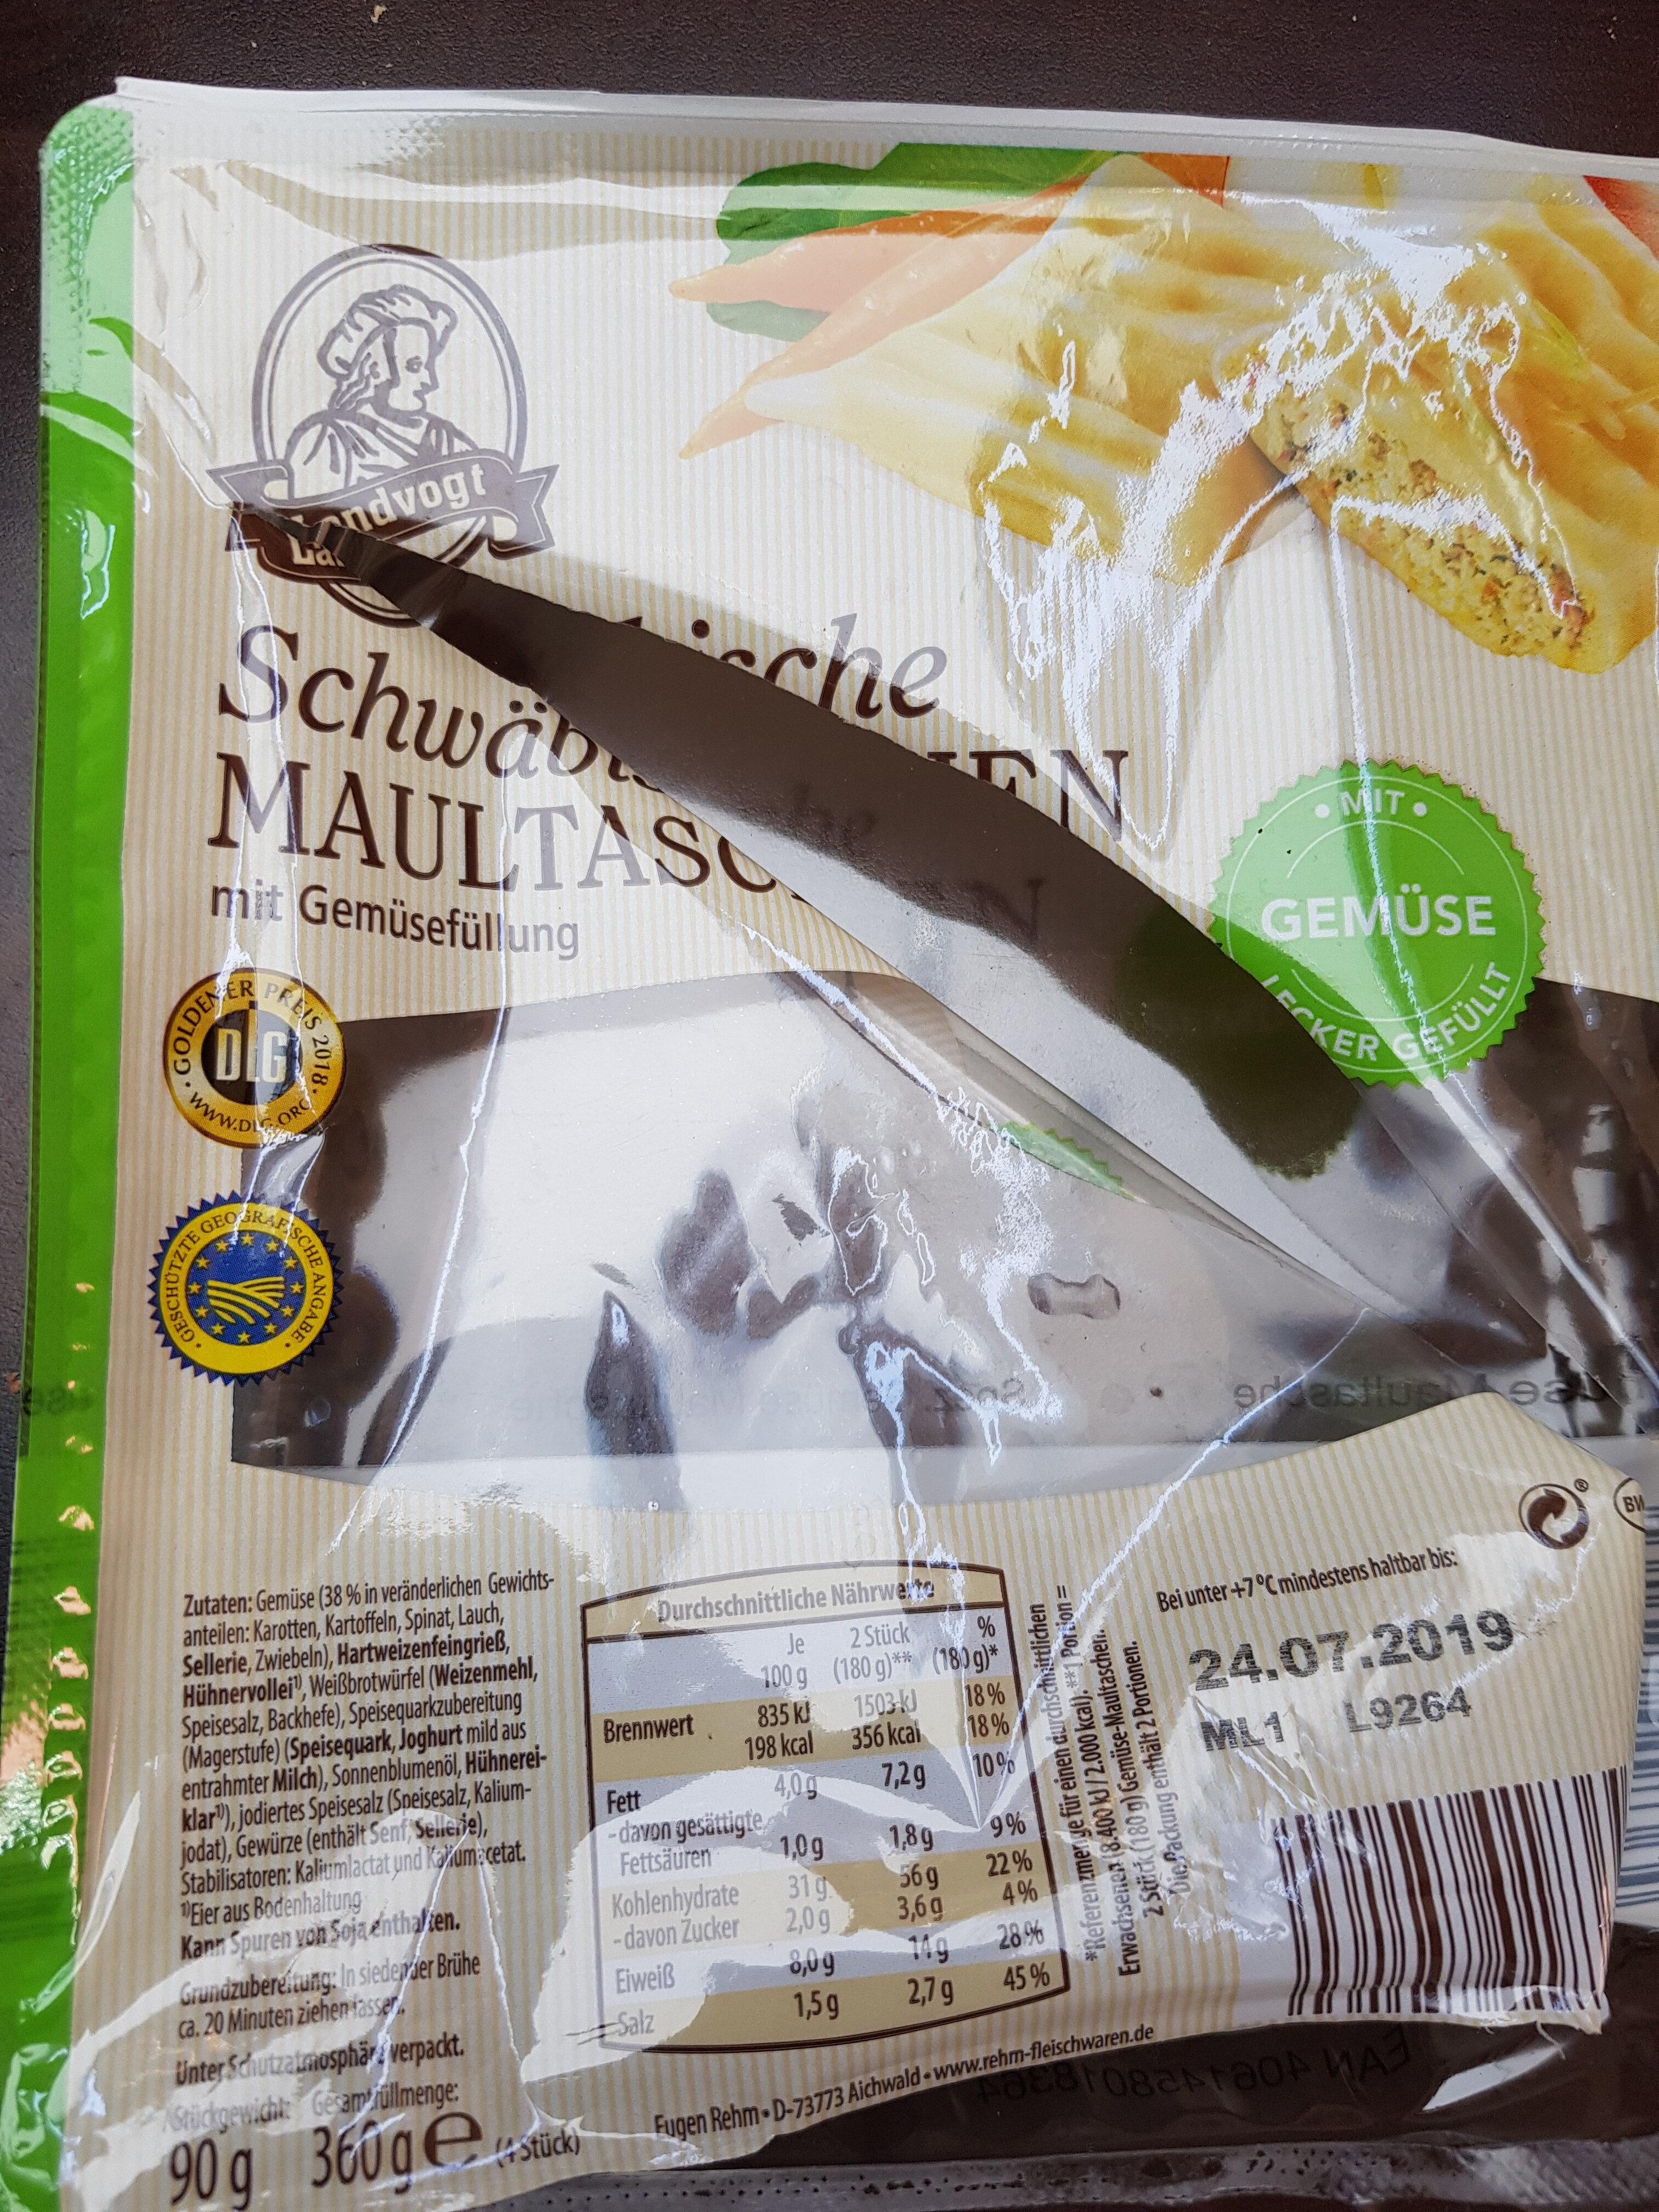 Schwäbische Maultaschen mit Gemüsefüllung - Product - de